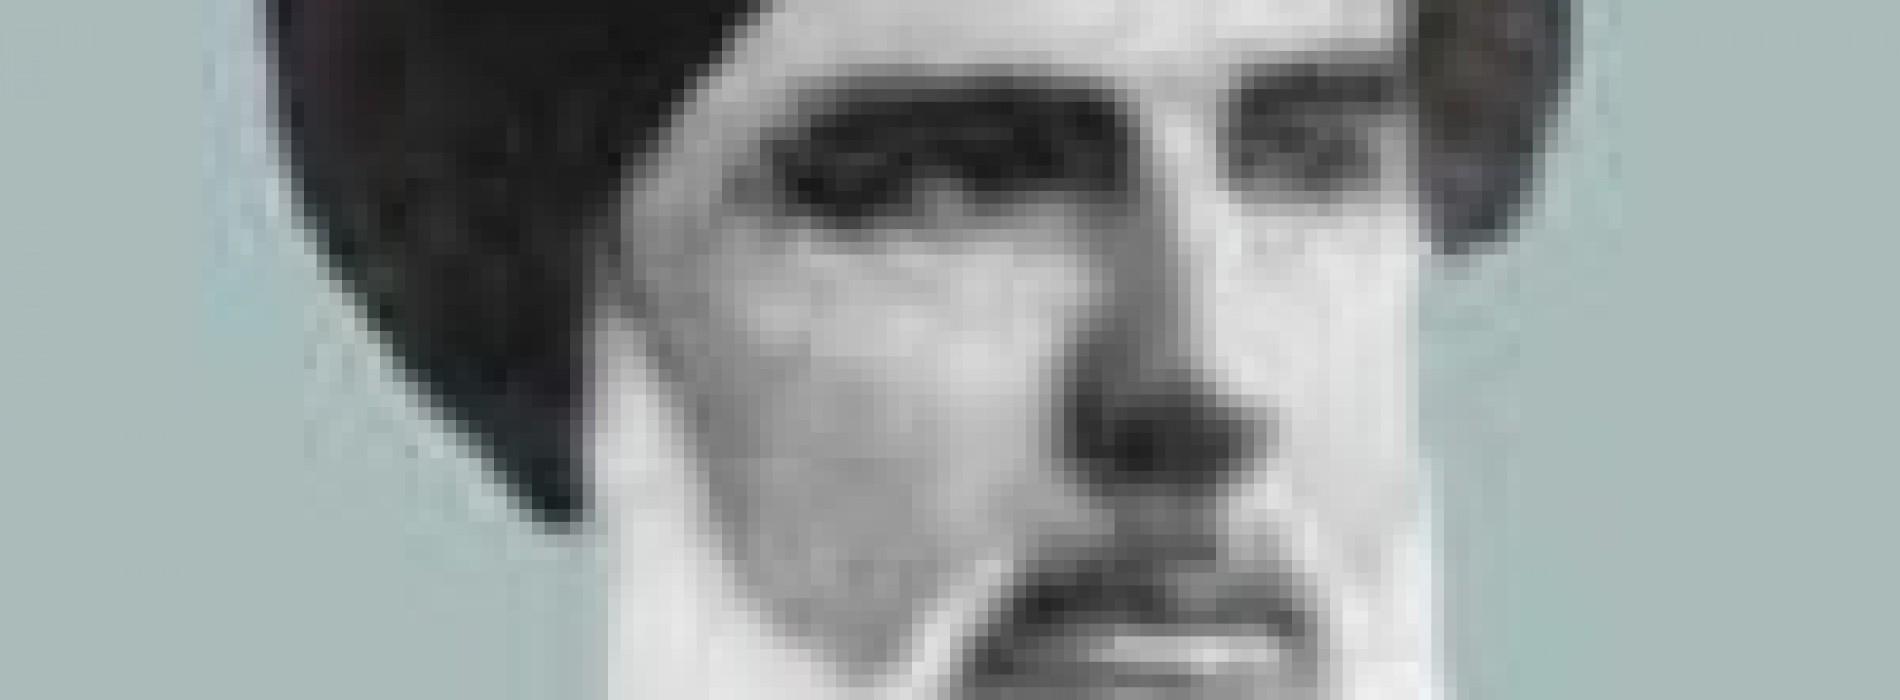 Sayyid Sharafuddin al-Musawi